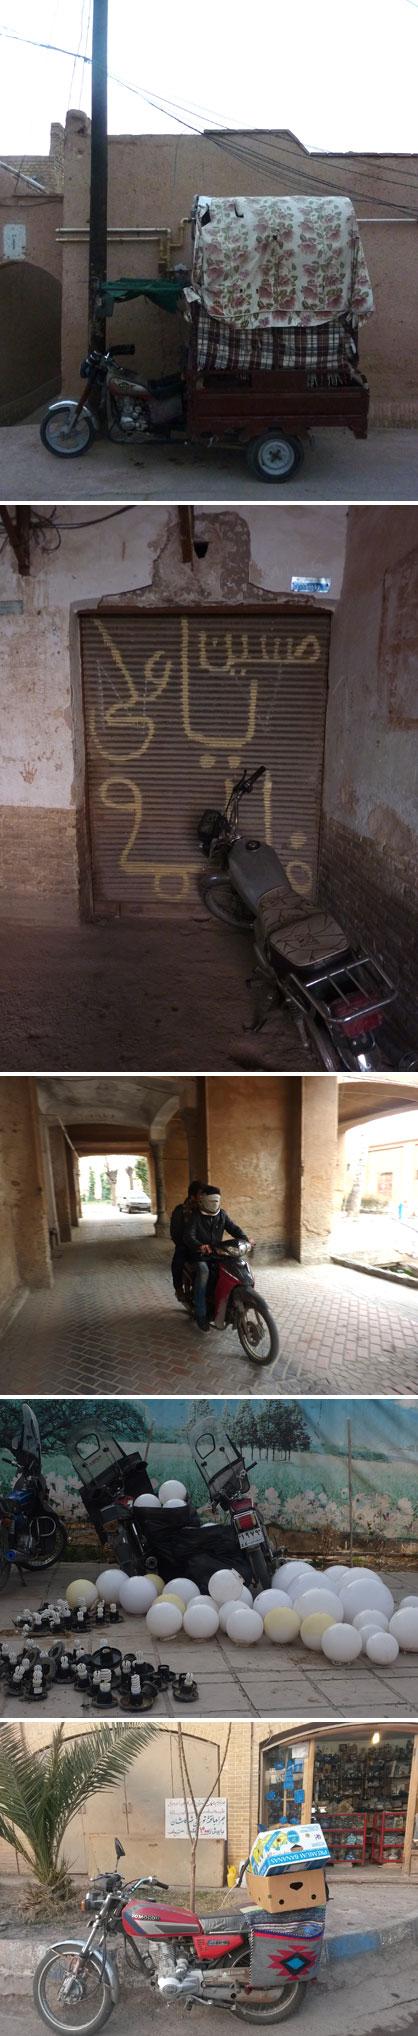 iran_motorbikes